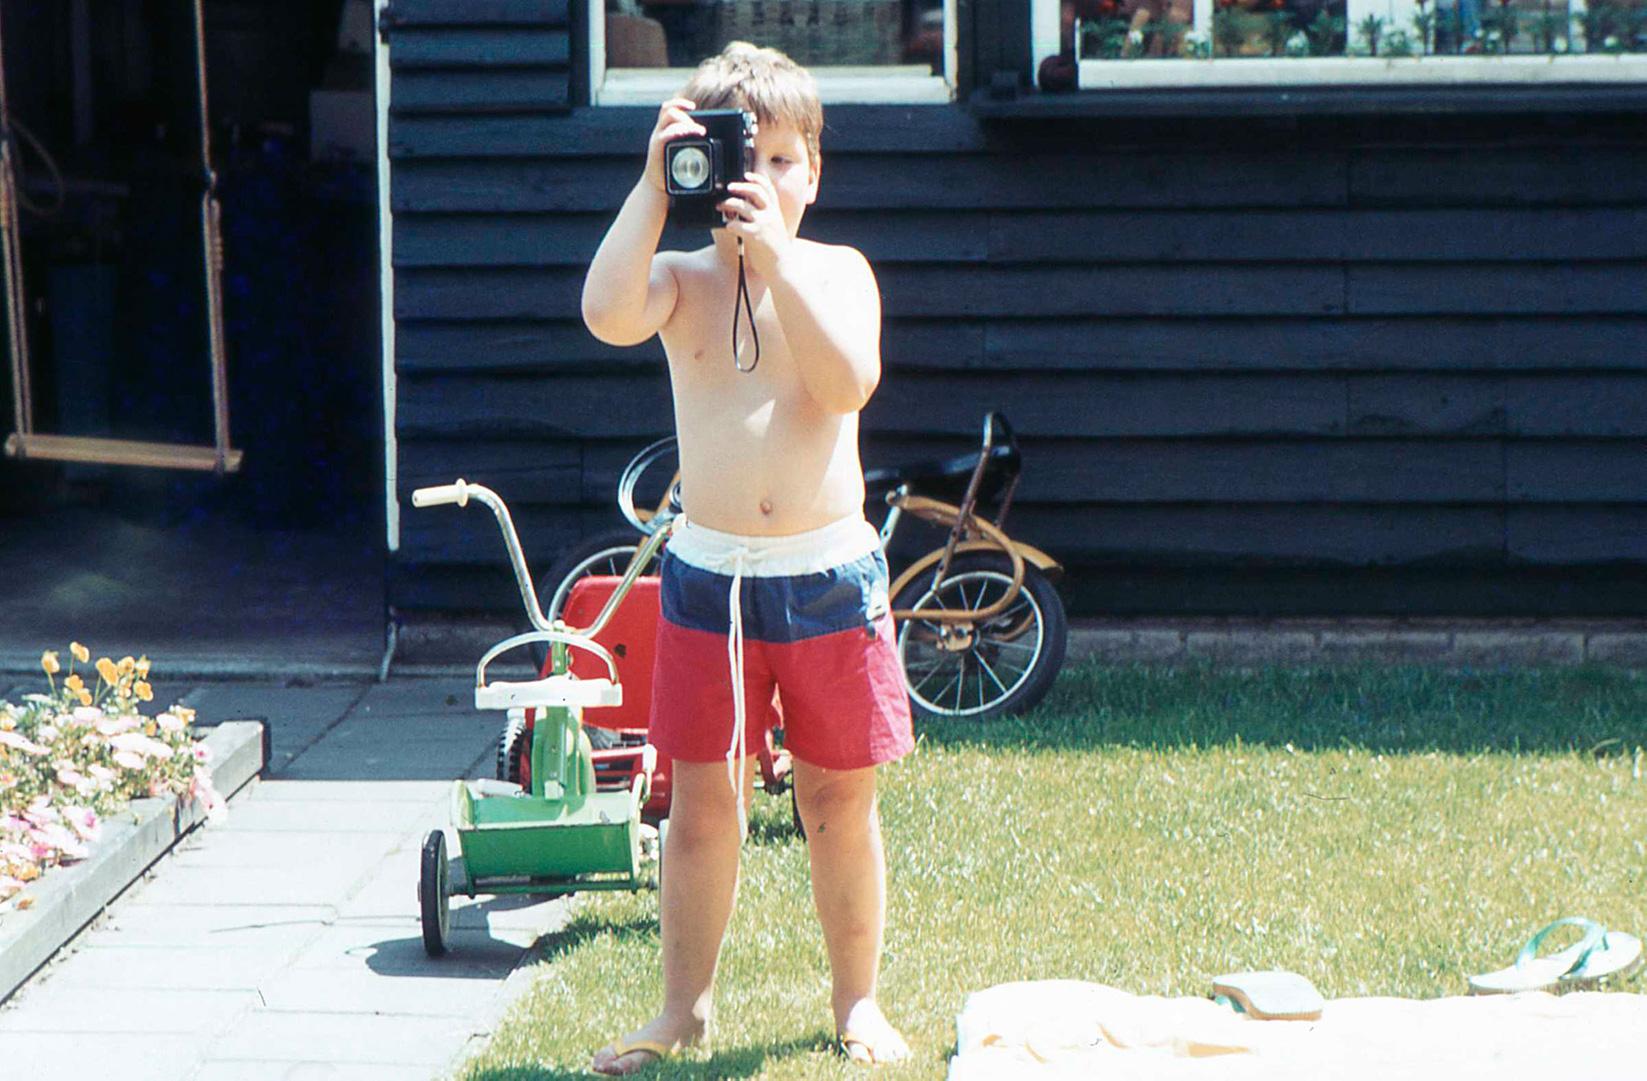 1984 Al op jonge leeftijd was ik geïntrigreerd door camera's